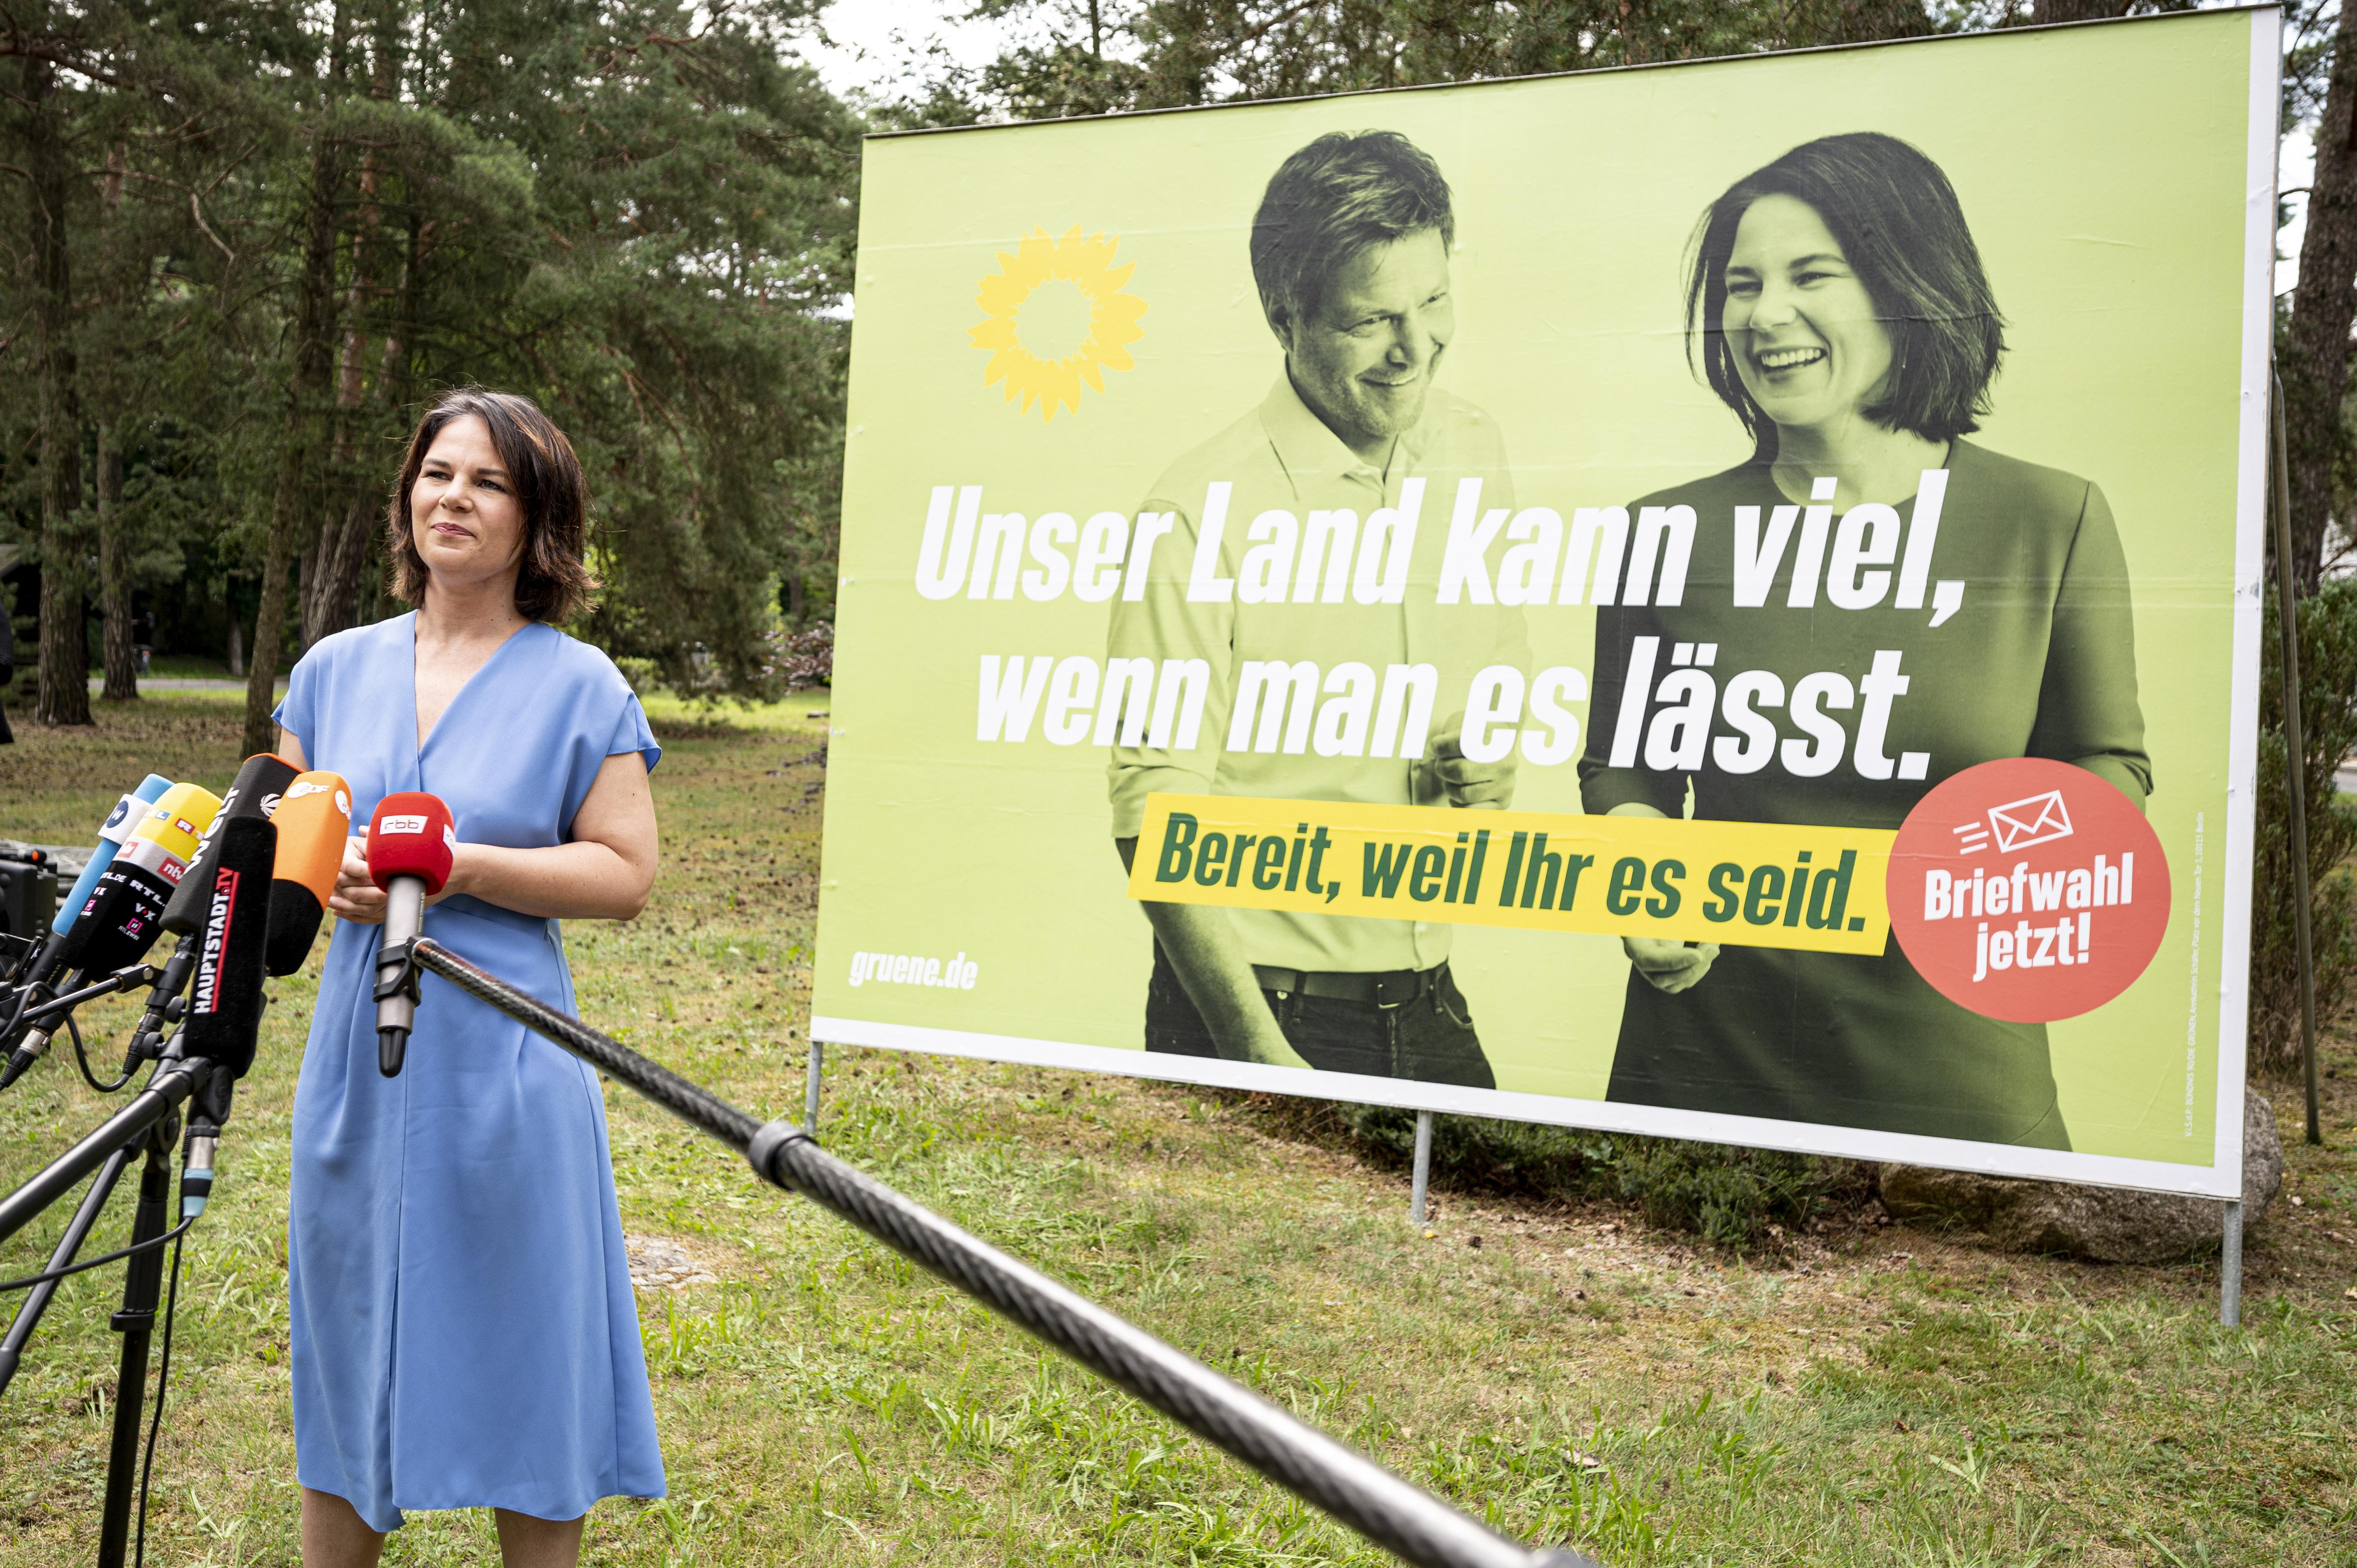 """""""Hängt die Grünen!"""": Nach Hassplakaten folgt Gegenschlag von Grün"""